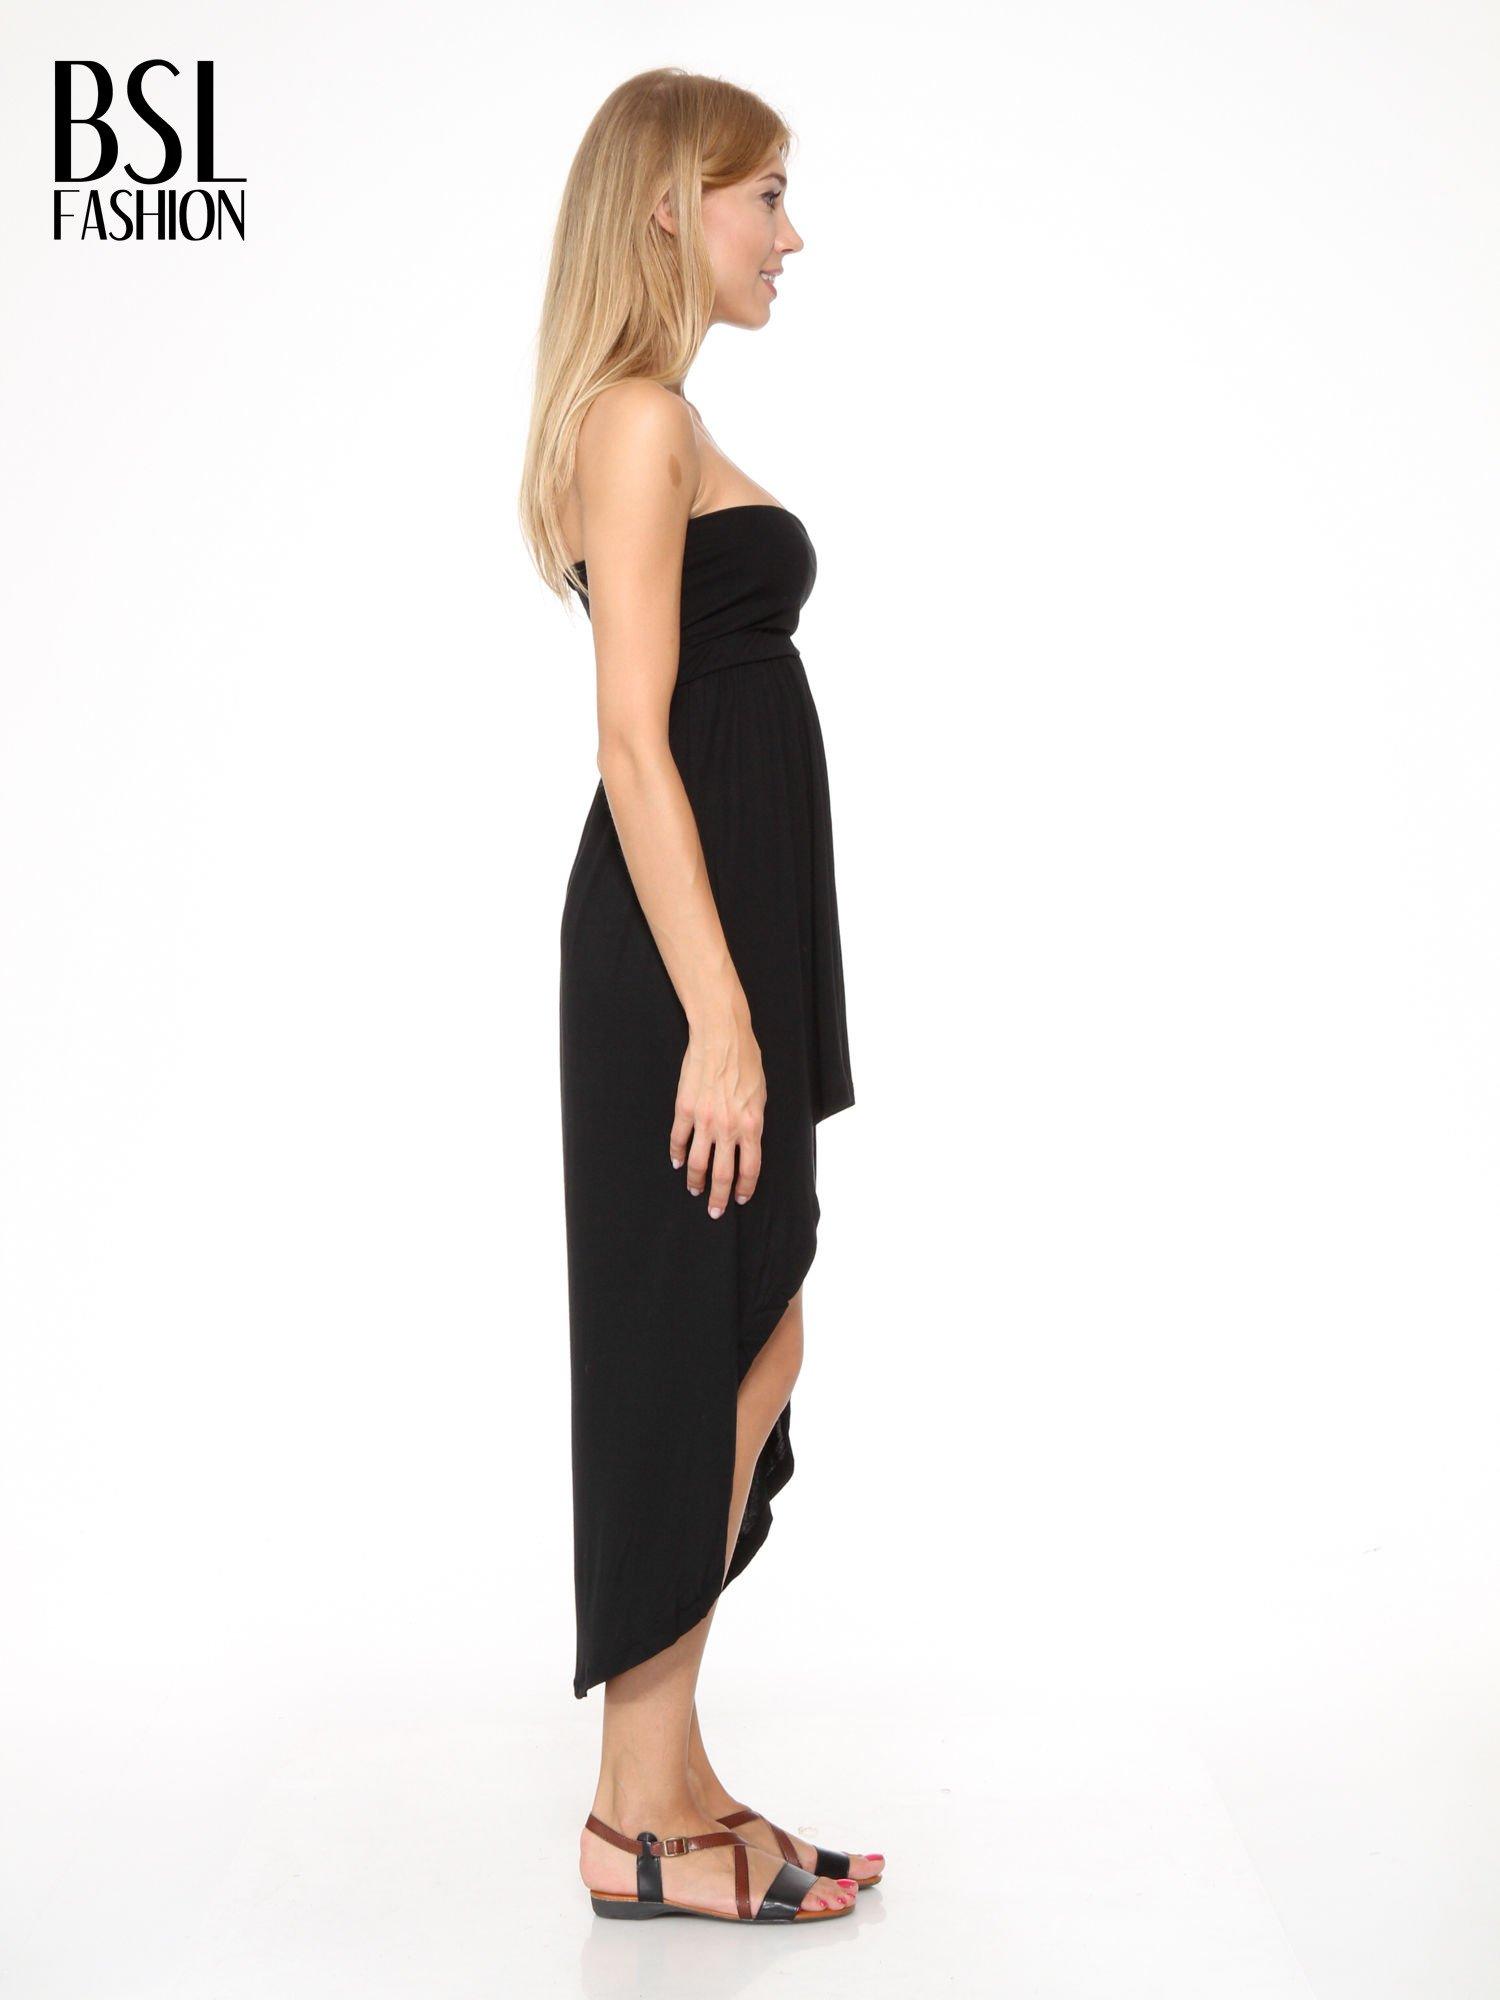 Czarna sukienka bez ramiączek z dłuższym tyłem                                  zdj.                                  3